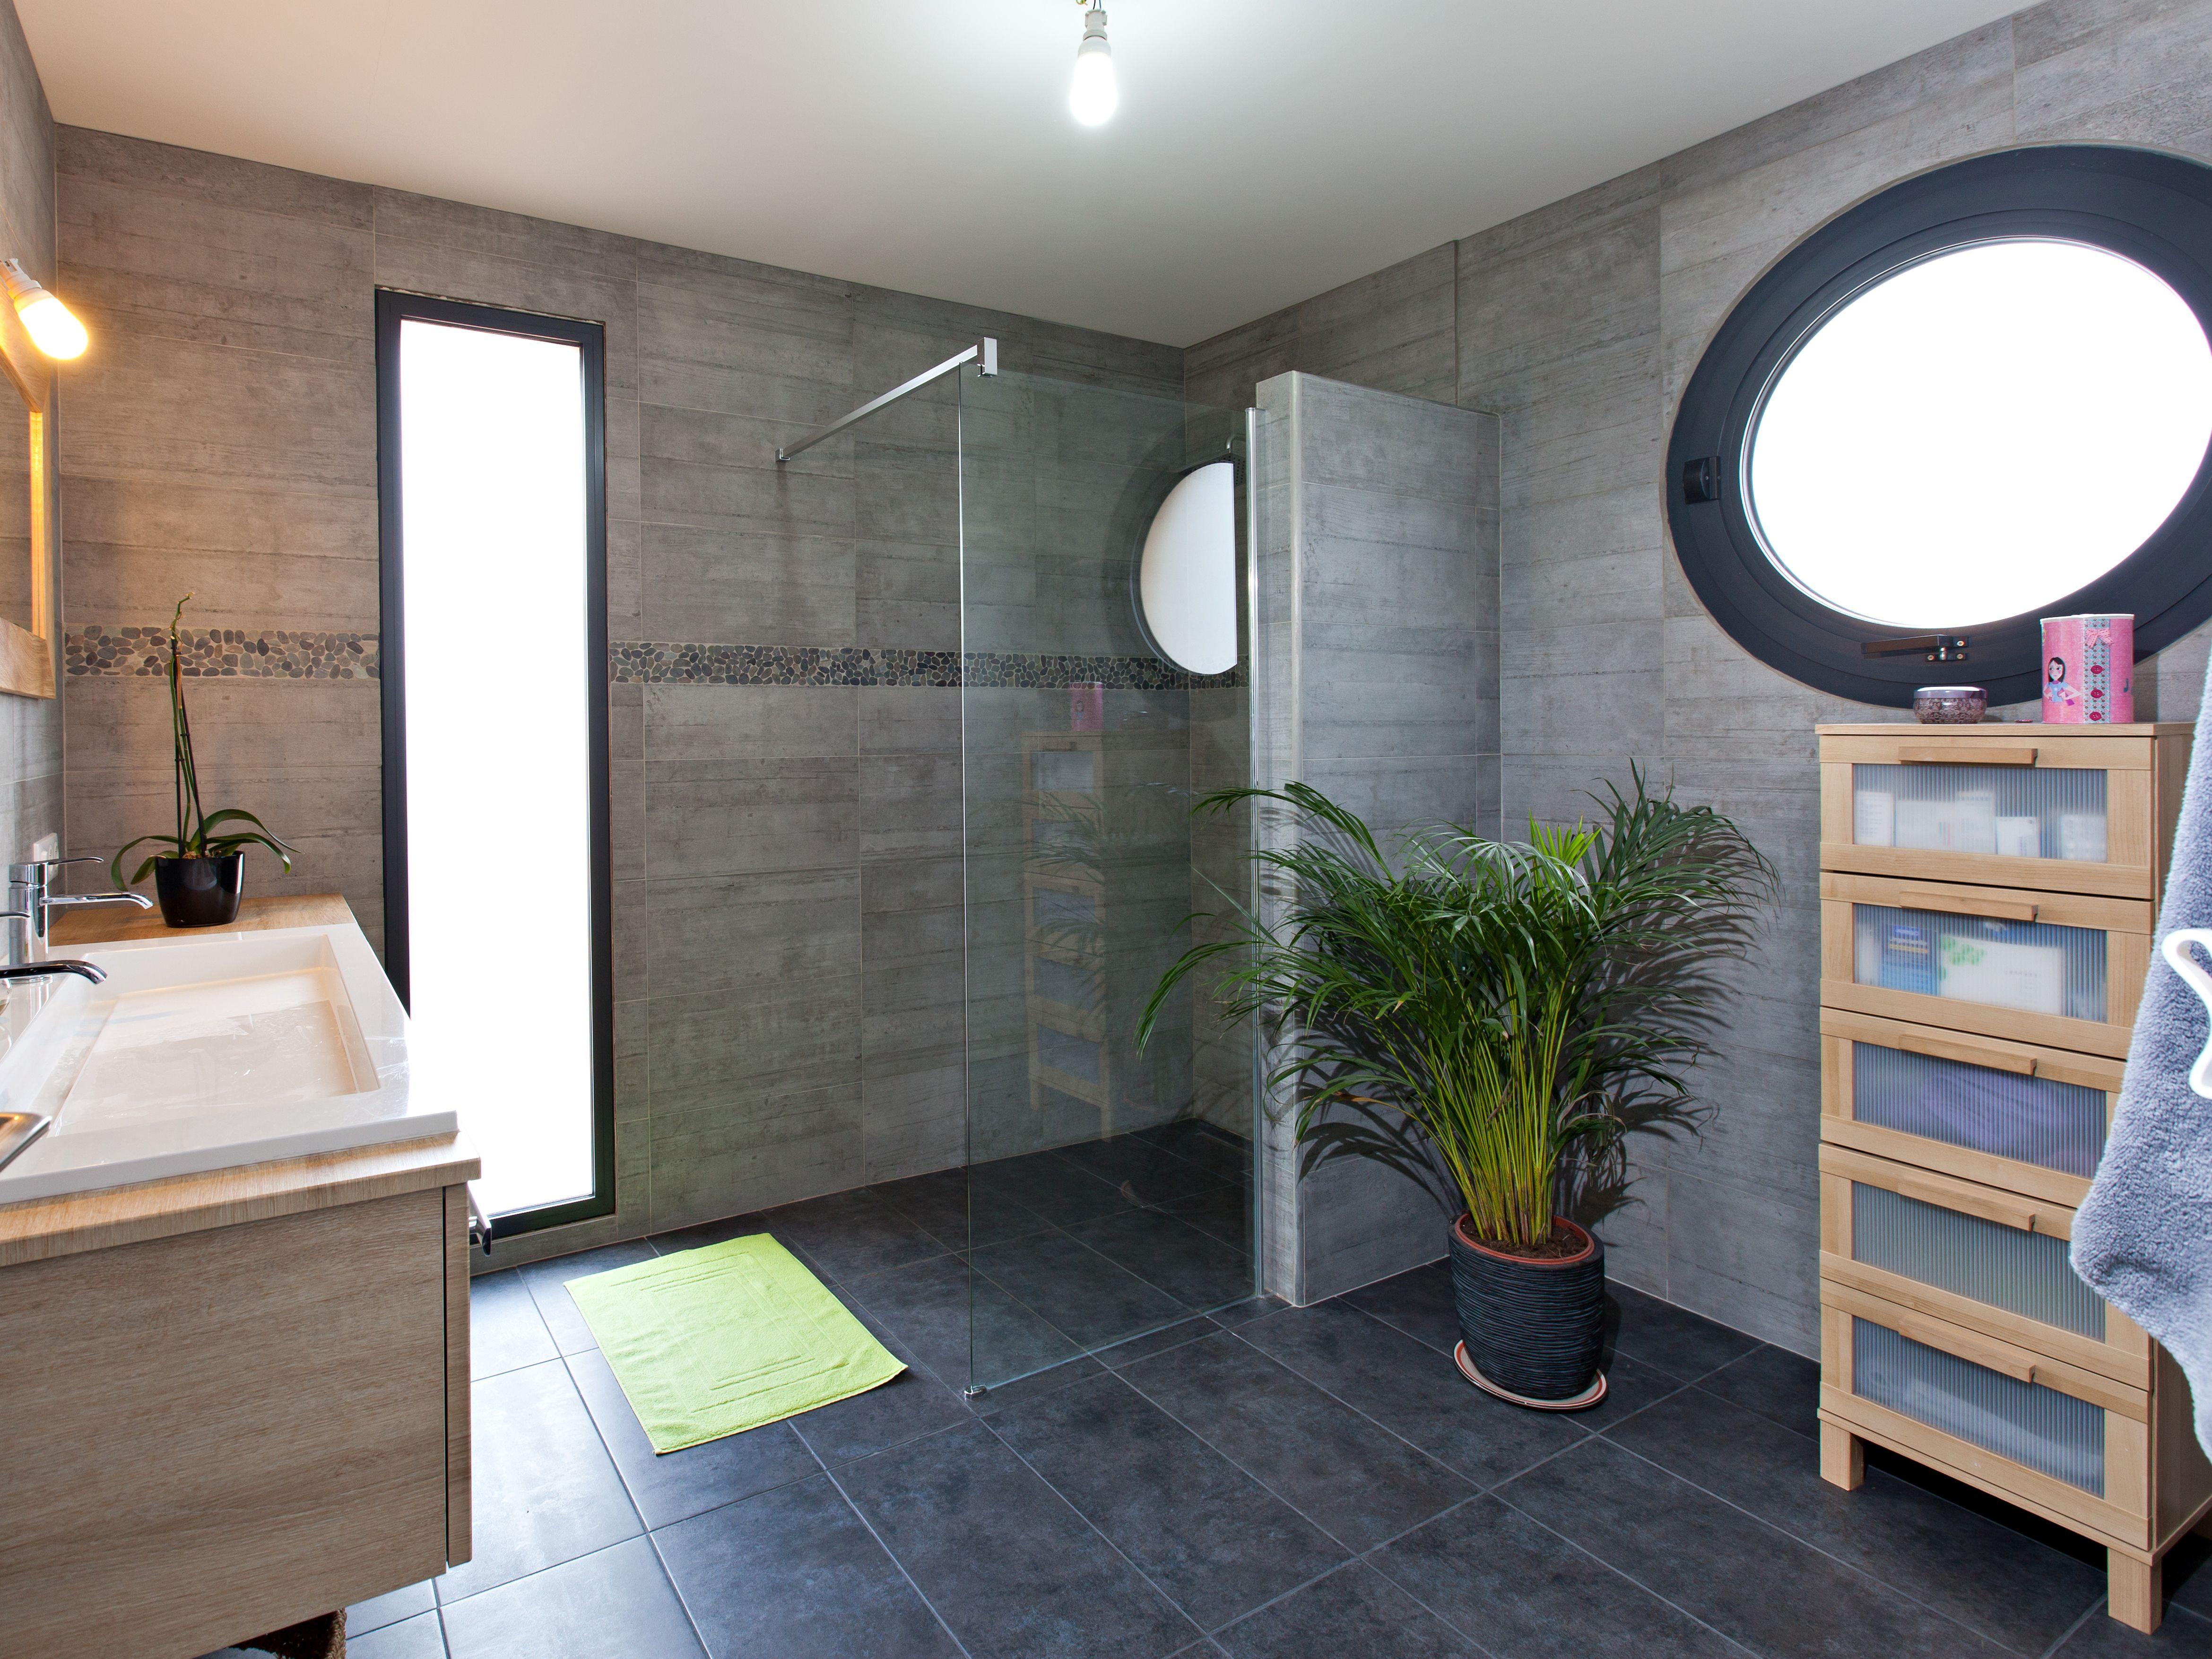 une salle de bains dans les tons gris avec une douche a l italienne leroymerlin salledebain bathroom douche italienne fenetre dans douche paroi de douche